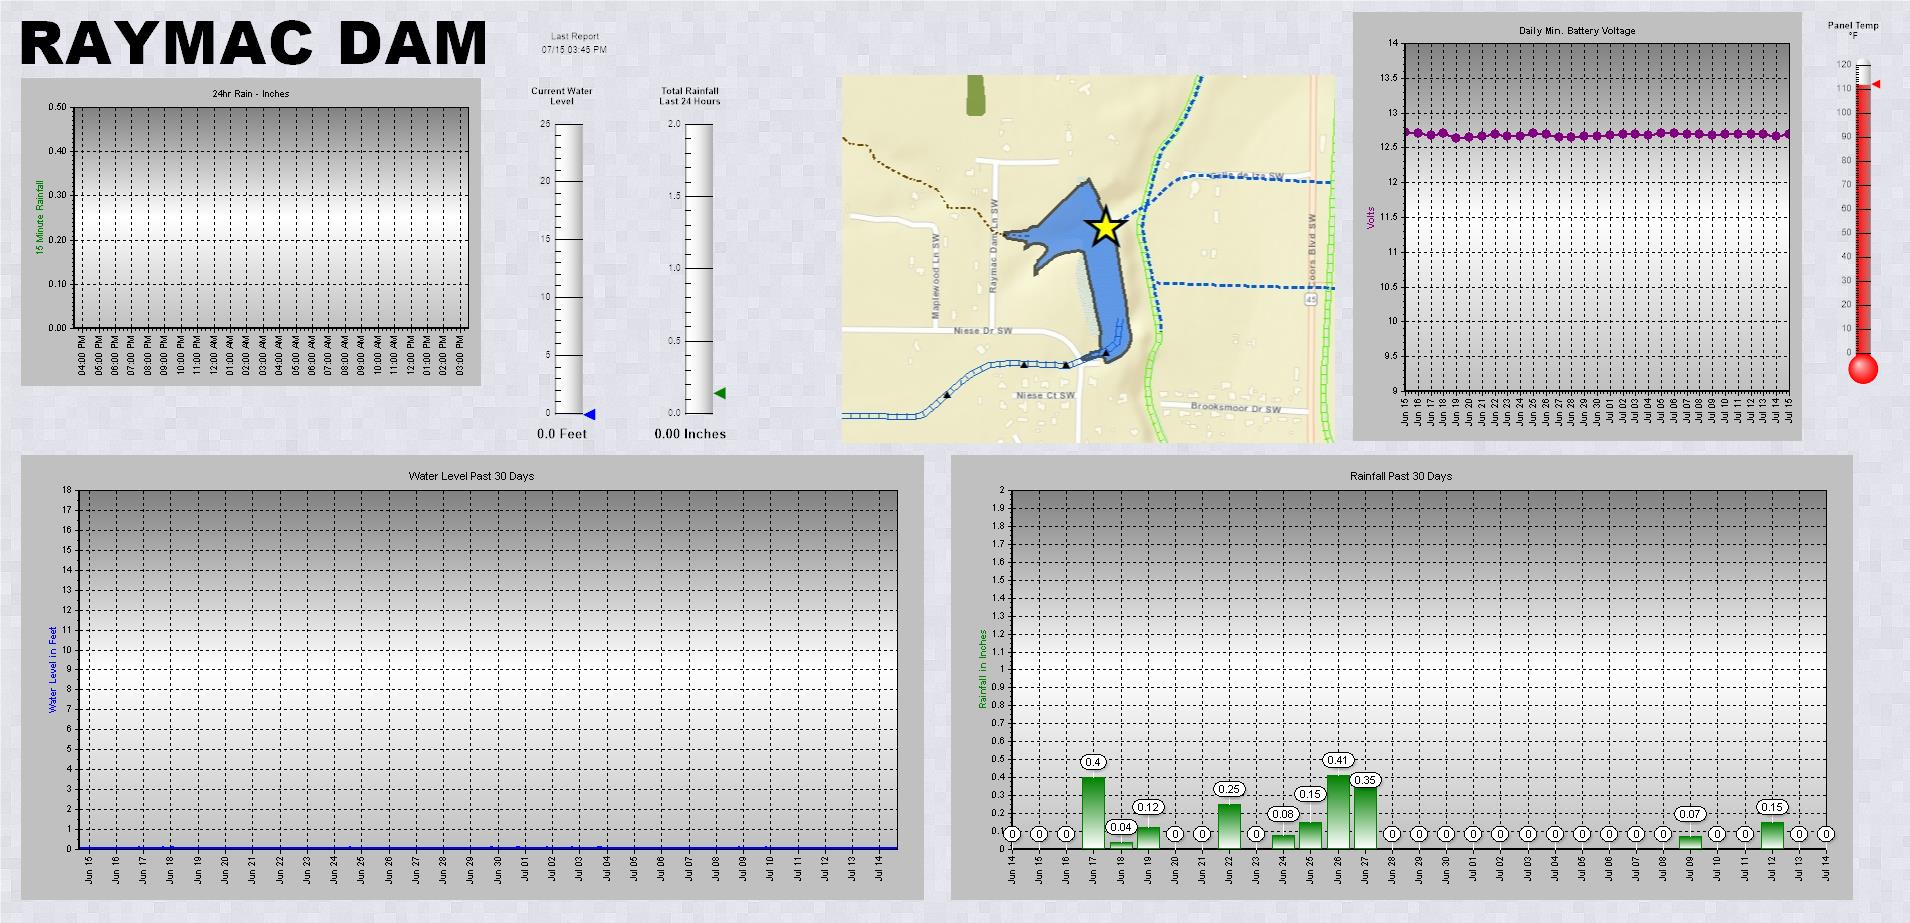 Raymac Dam telemetry data